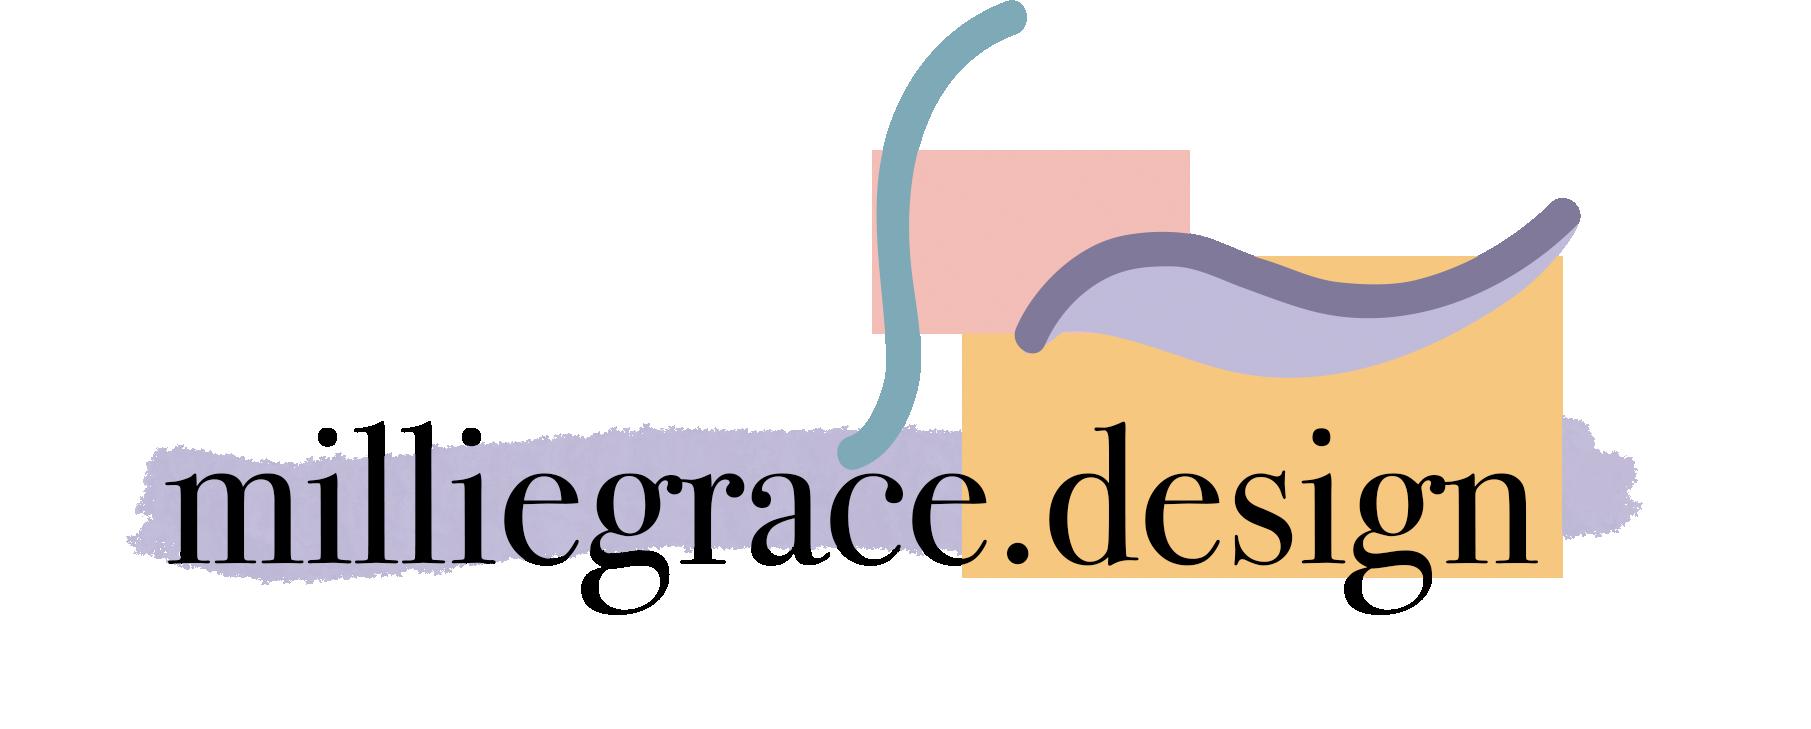 milliegrace.design